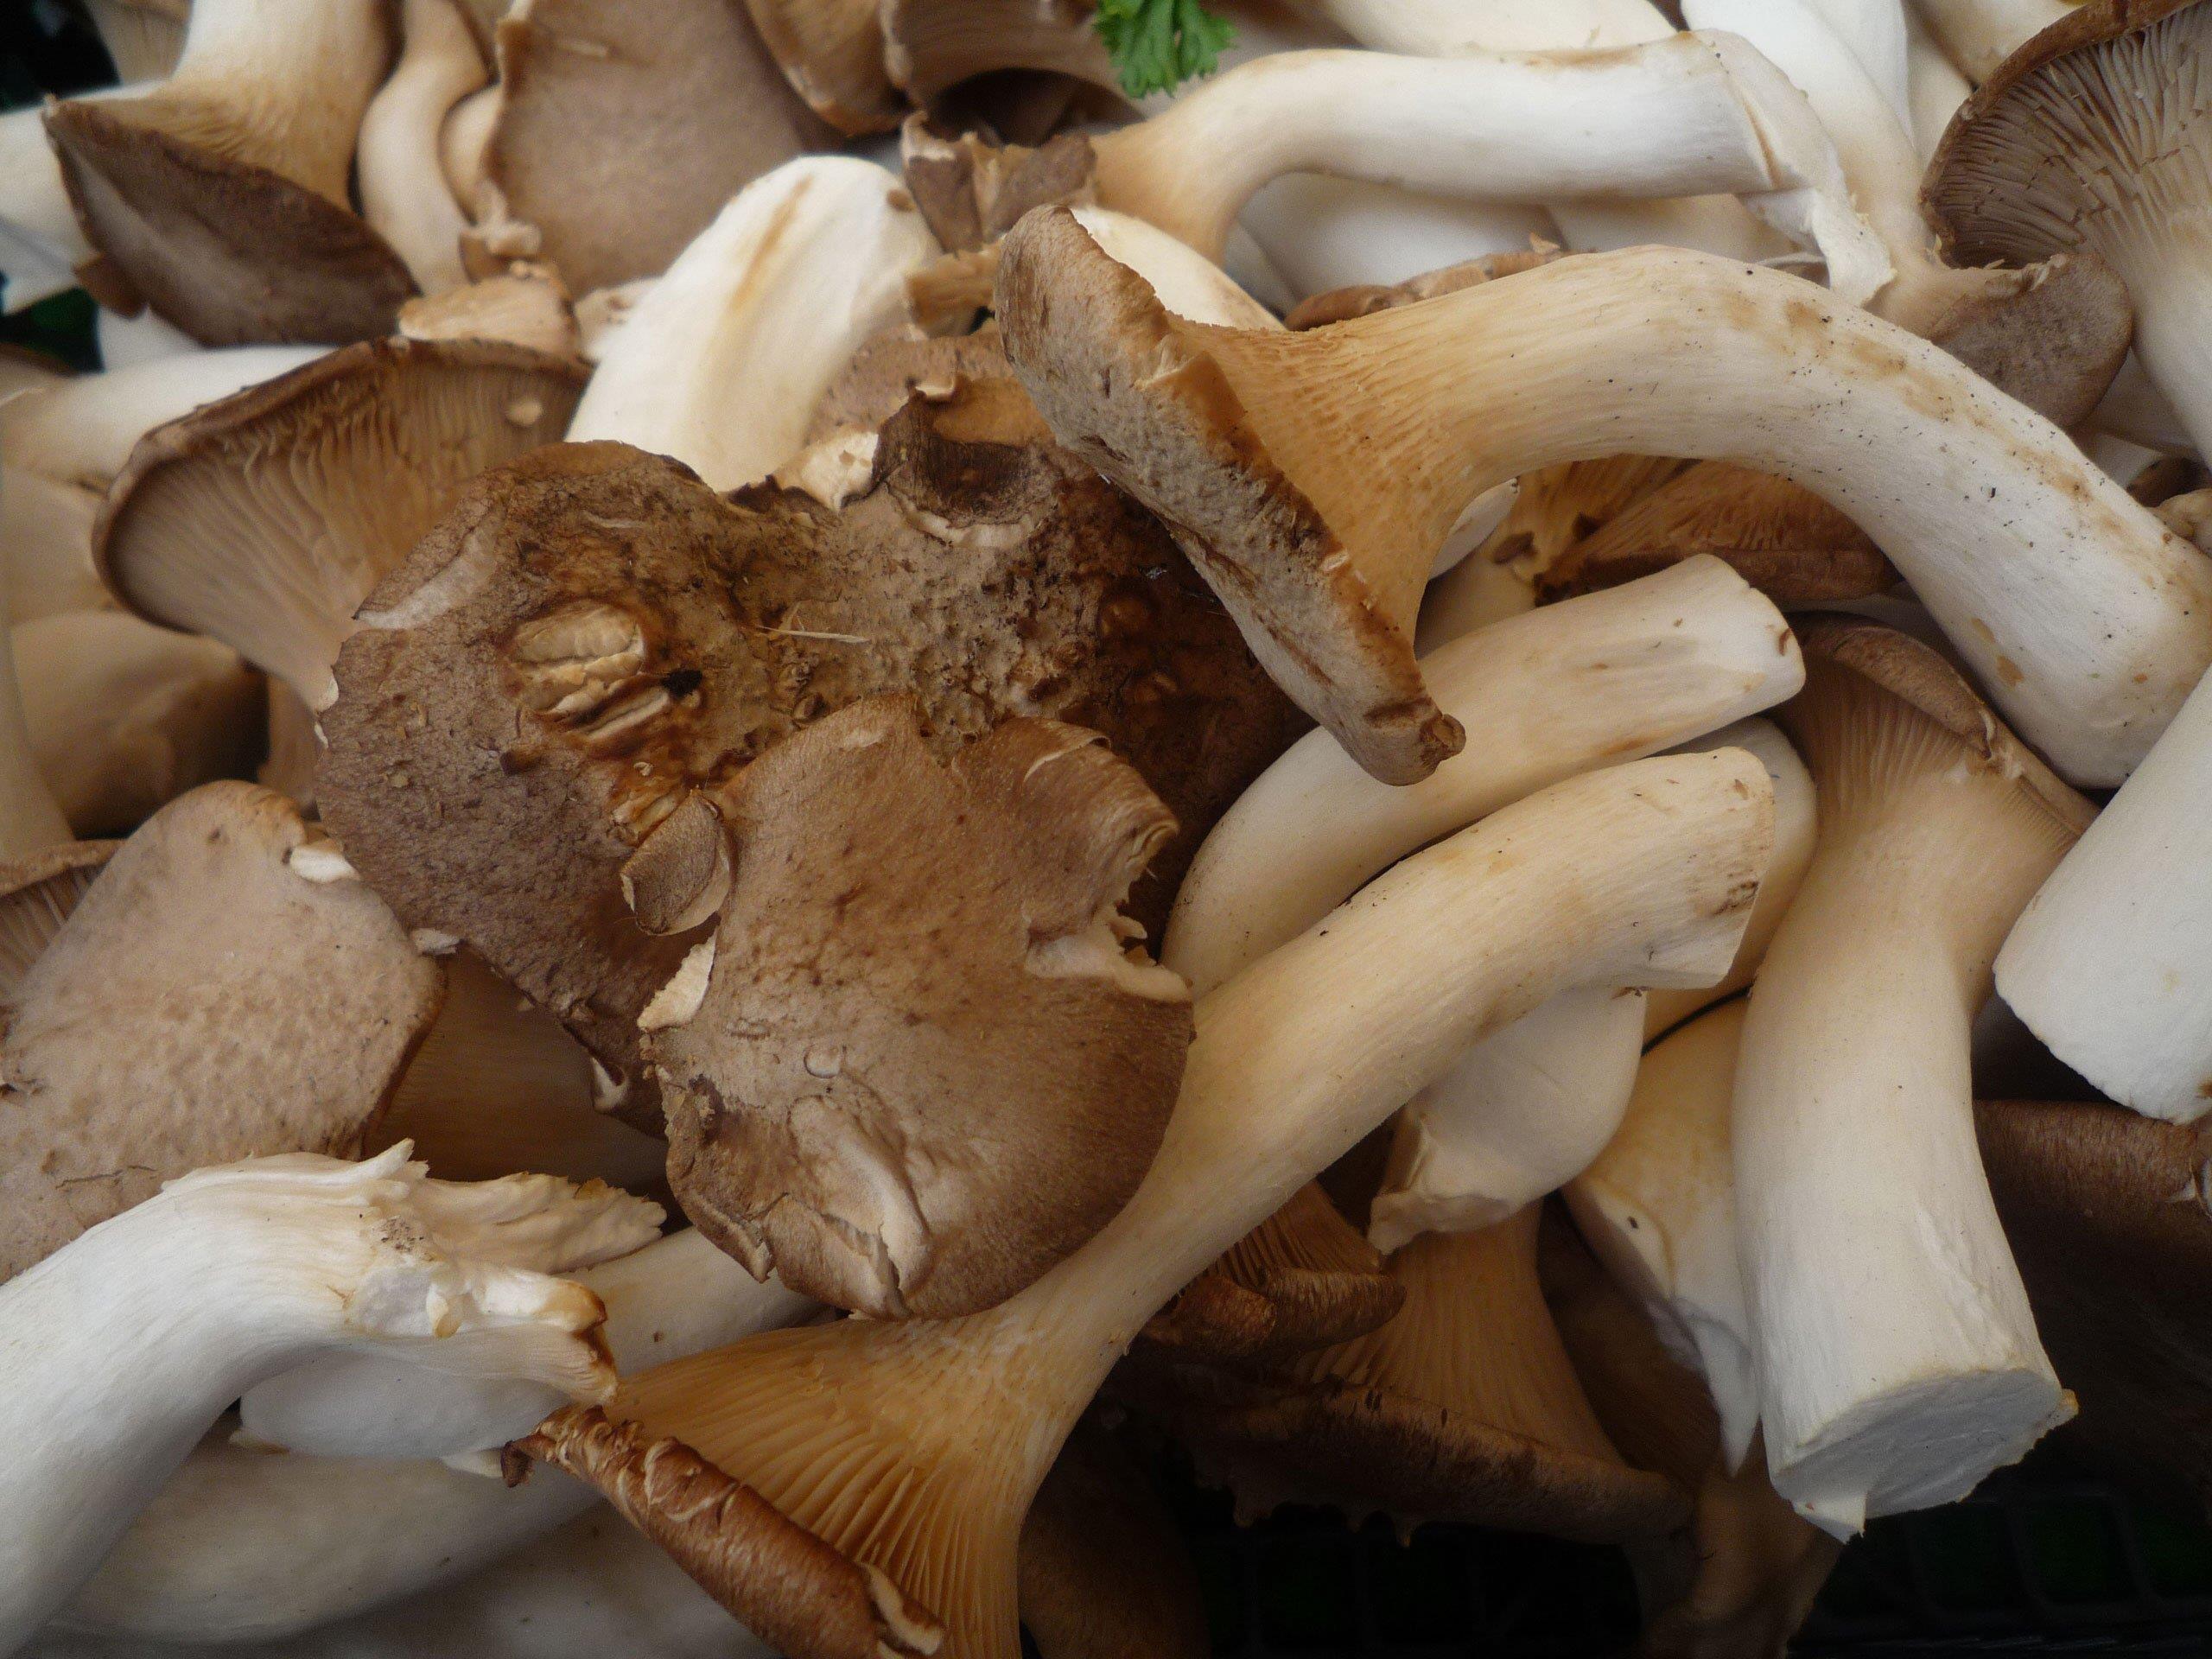 Magic Mushrooms, wie sie bei den Jugendlichen gefunden wurden, sind ganz und gar nicht so harmlos wie gewöhnliche Pilze